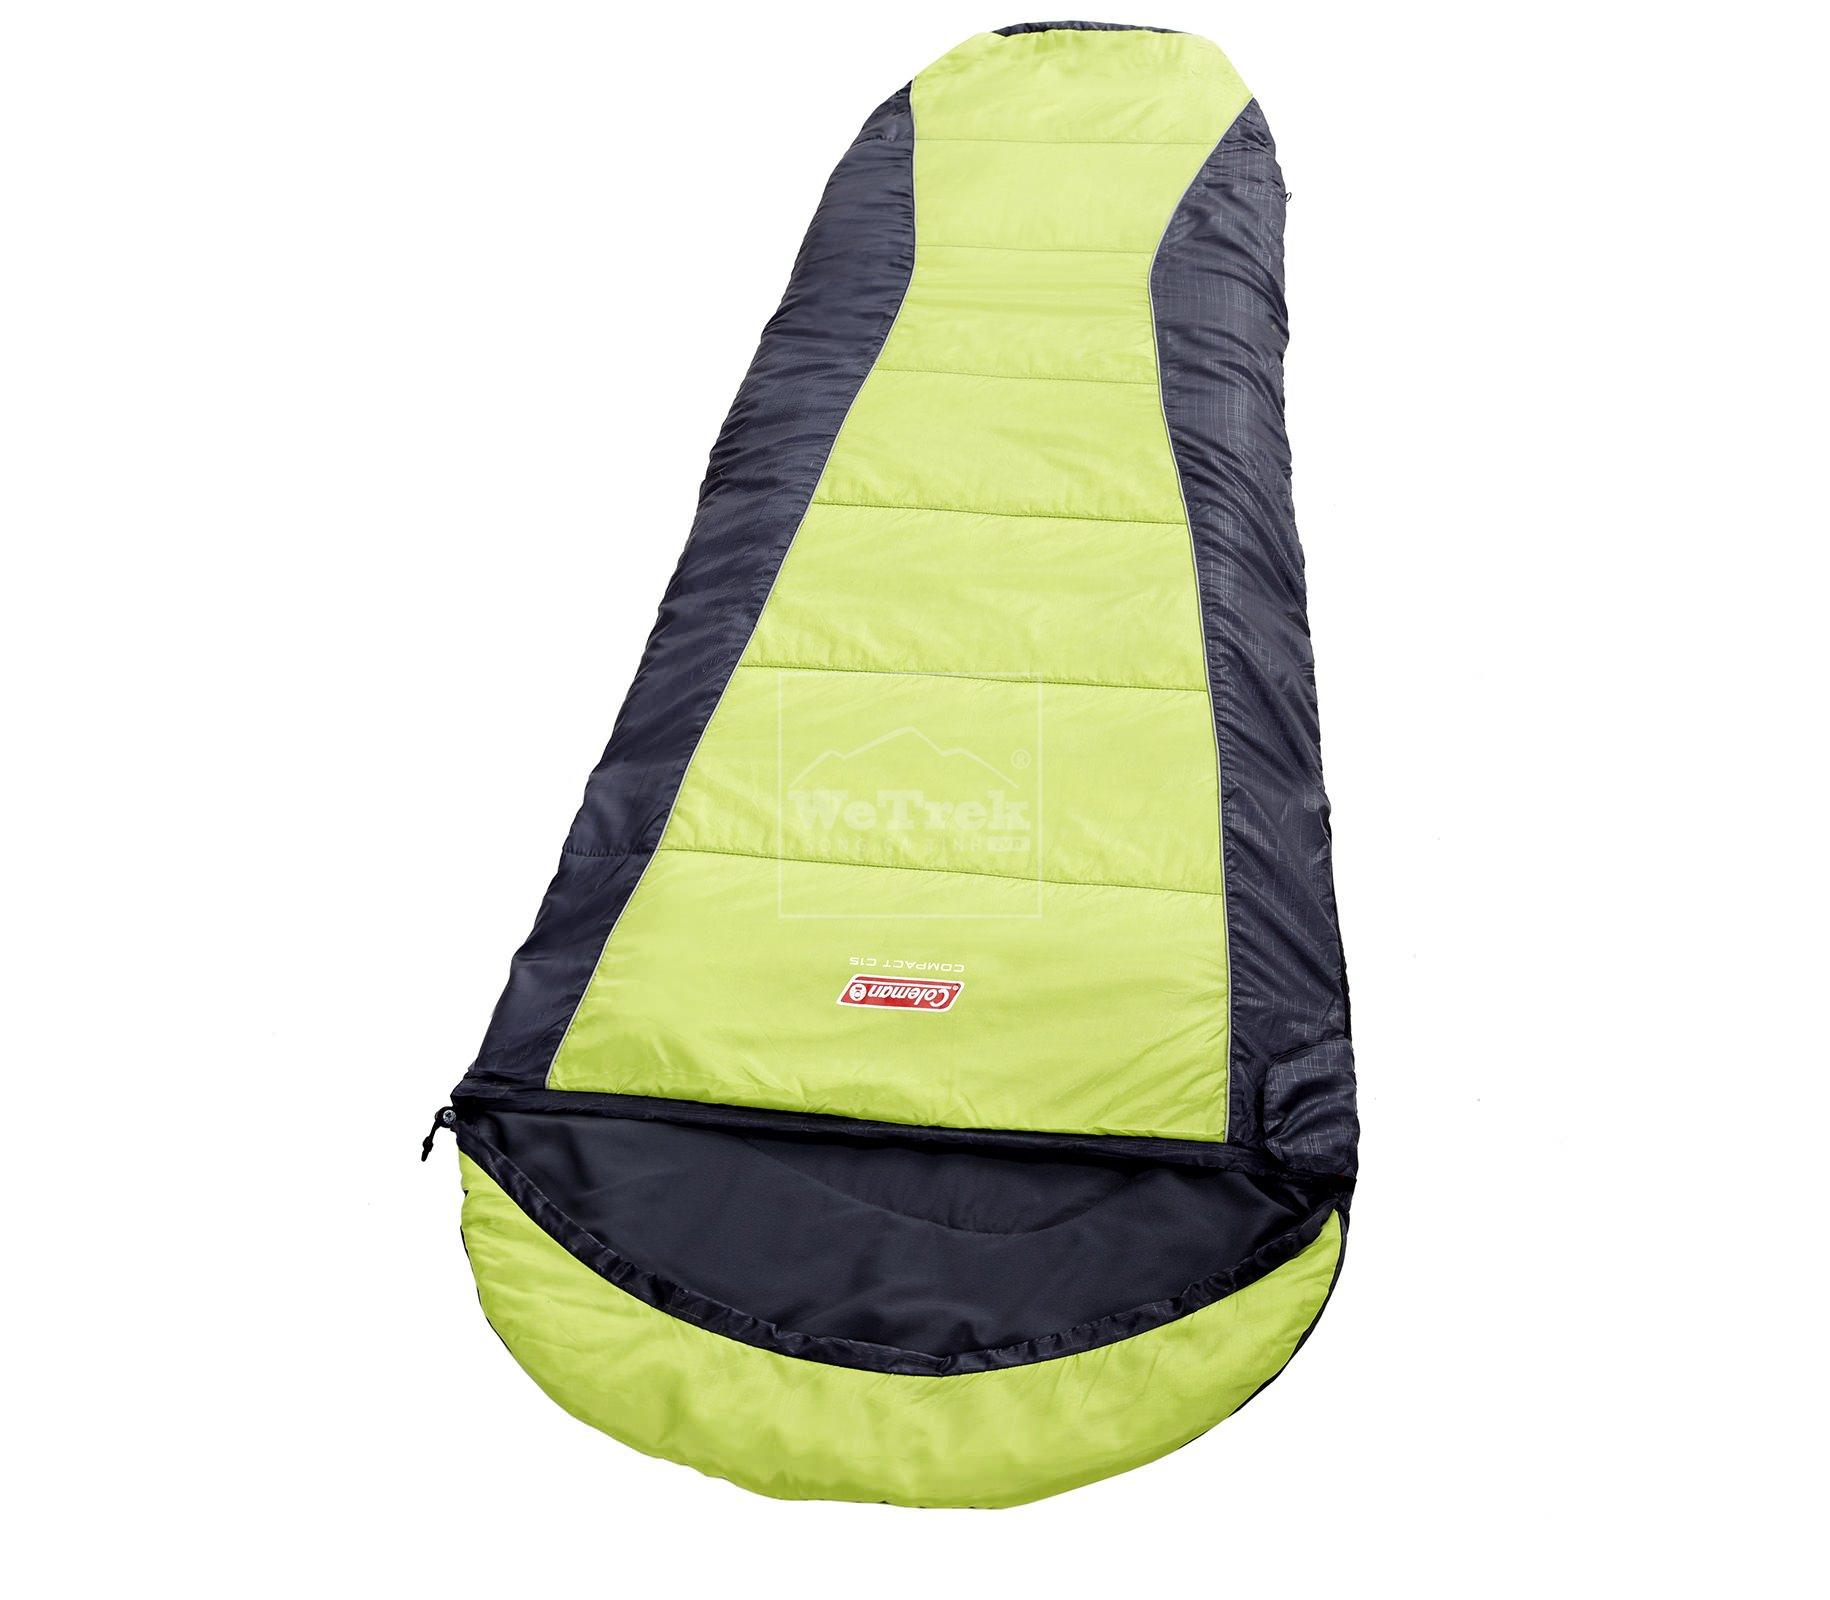 Túi ngủ Coleman C15 Sleeping Bag Backpacking 2000015229 - 7404